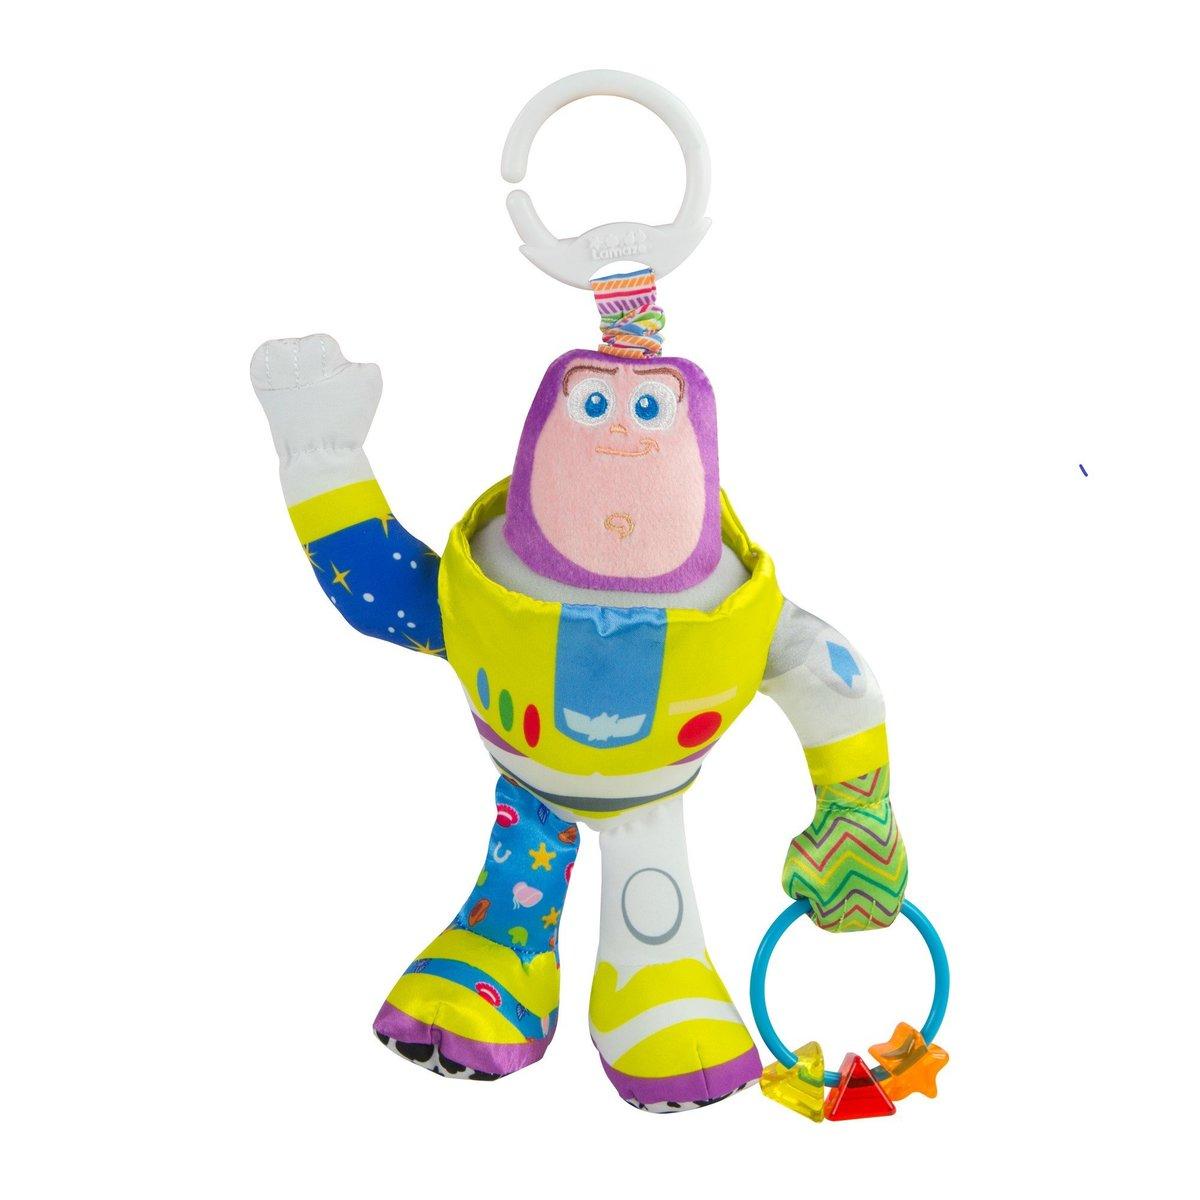 TOY STORY Clip & Go - Buzz Lightyear